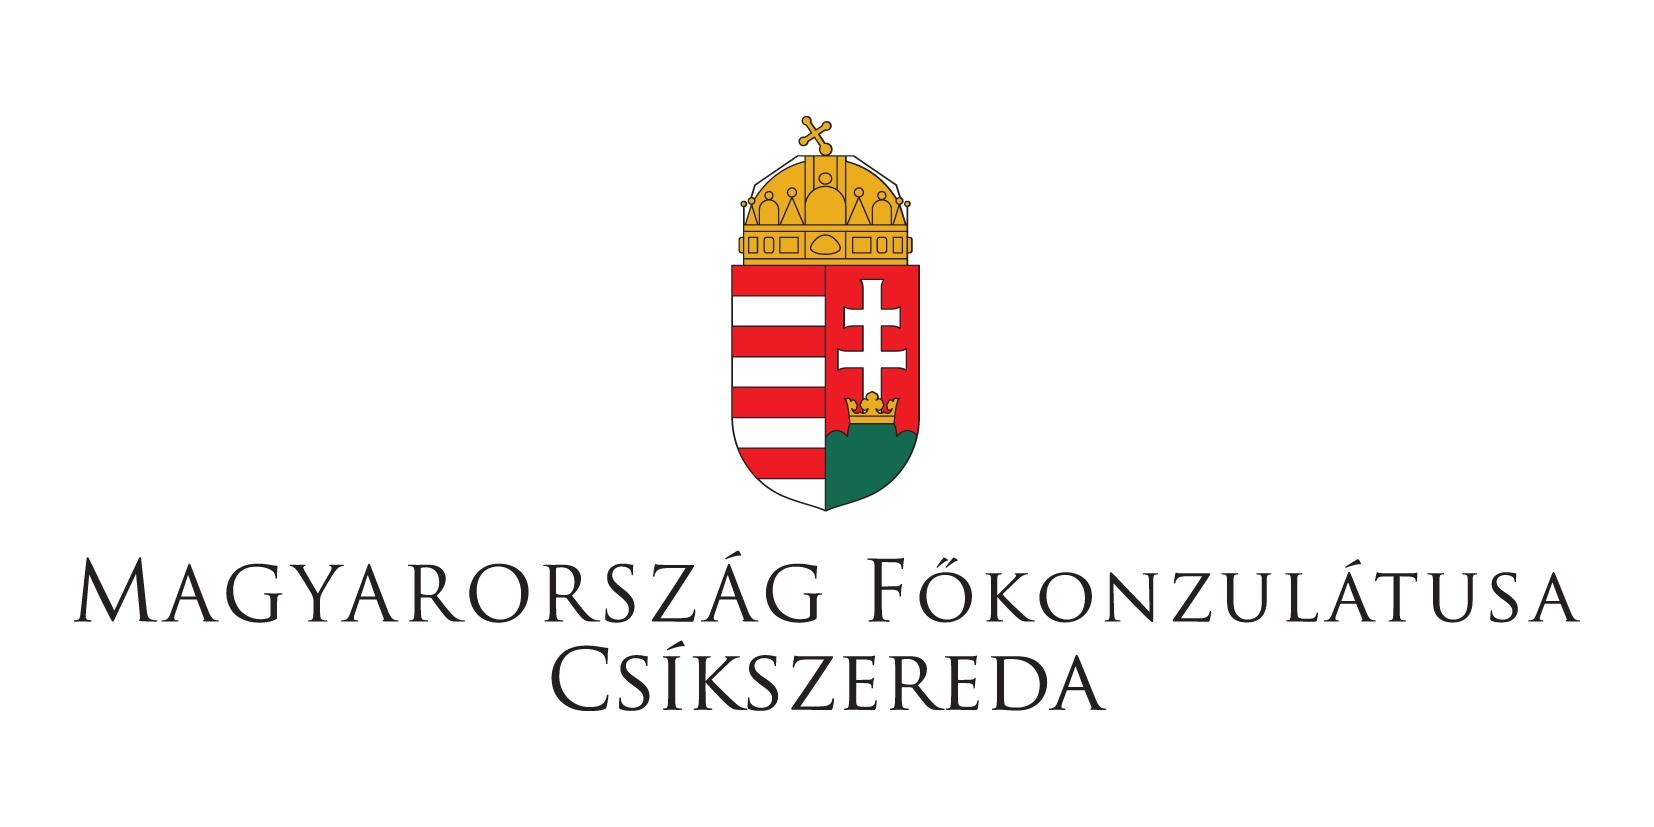 Magyarország Csíkszeredai Főkonzulátusa